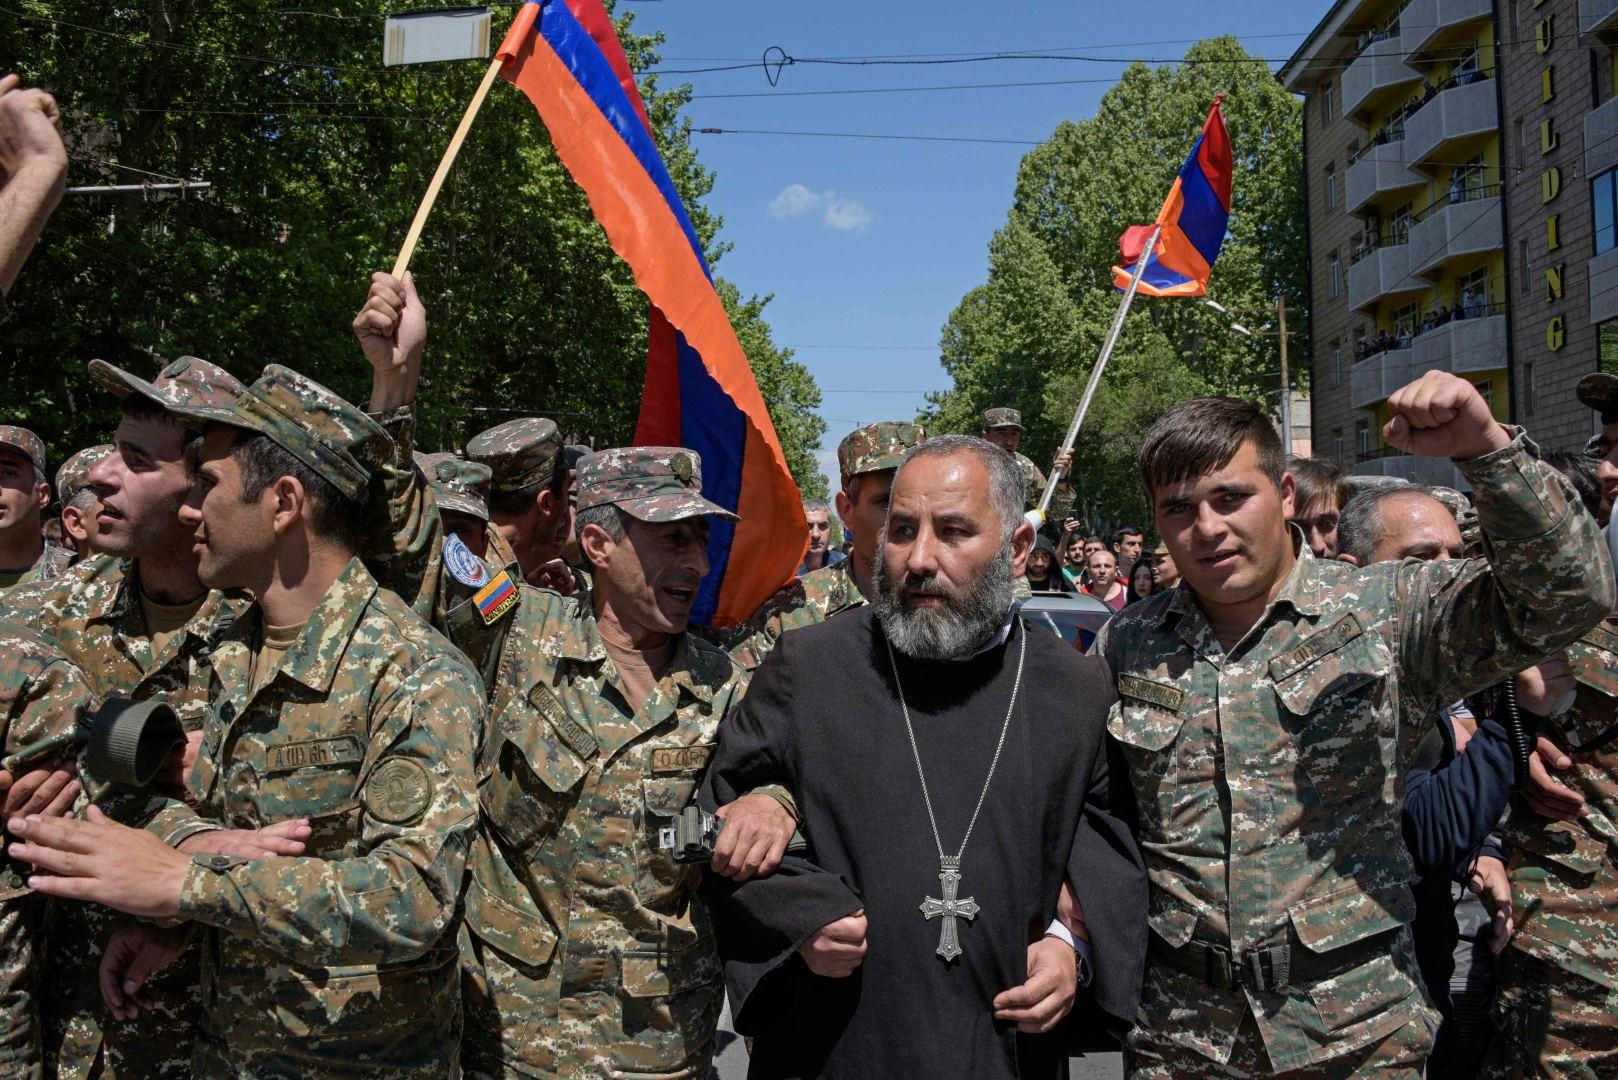 Protestai Armėnijoje prieš korumpuotą valdžią...